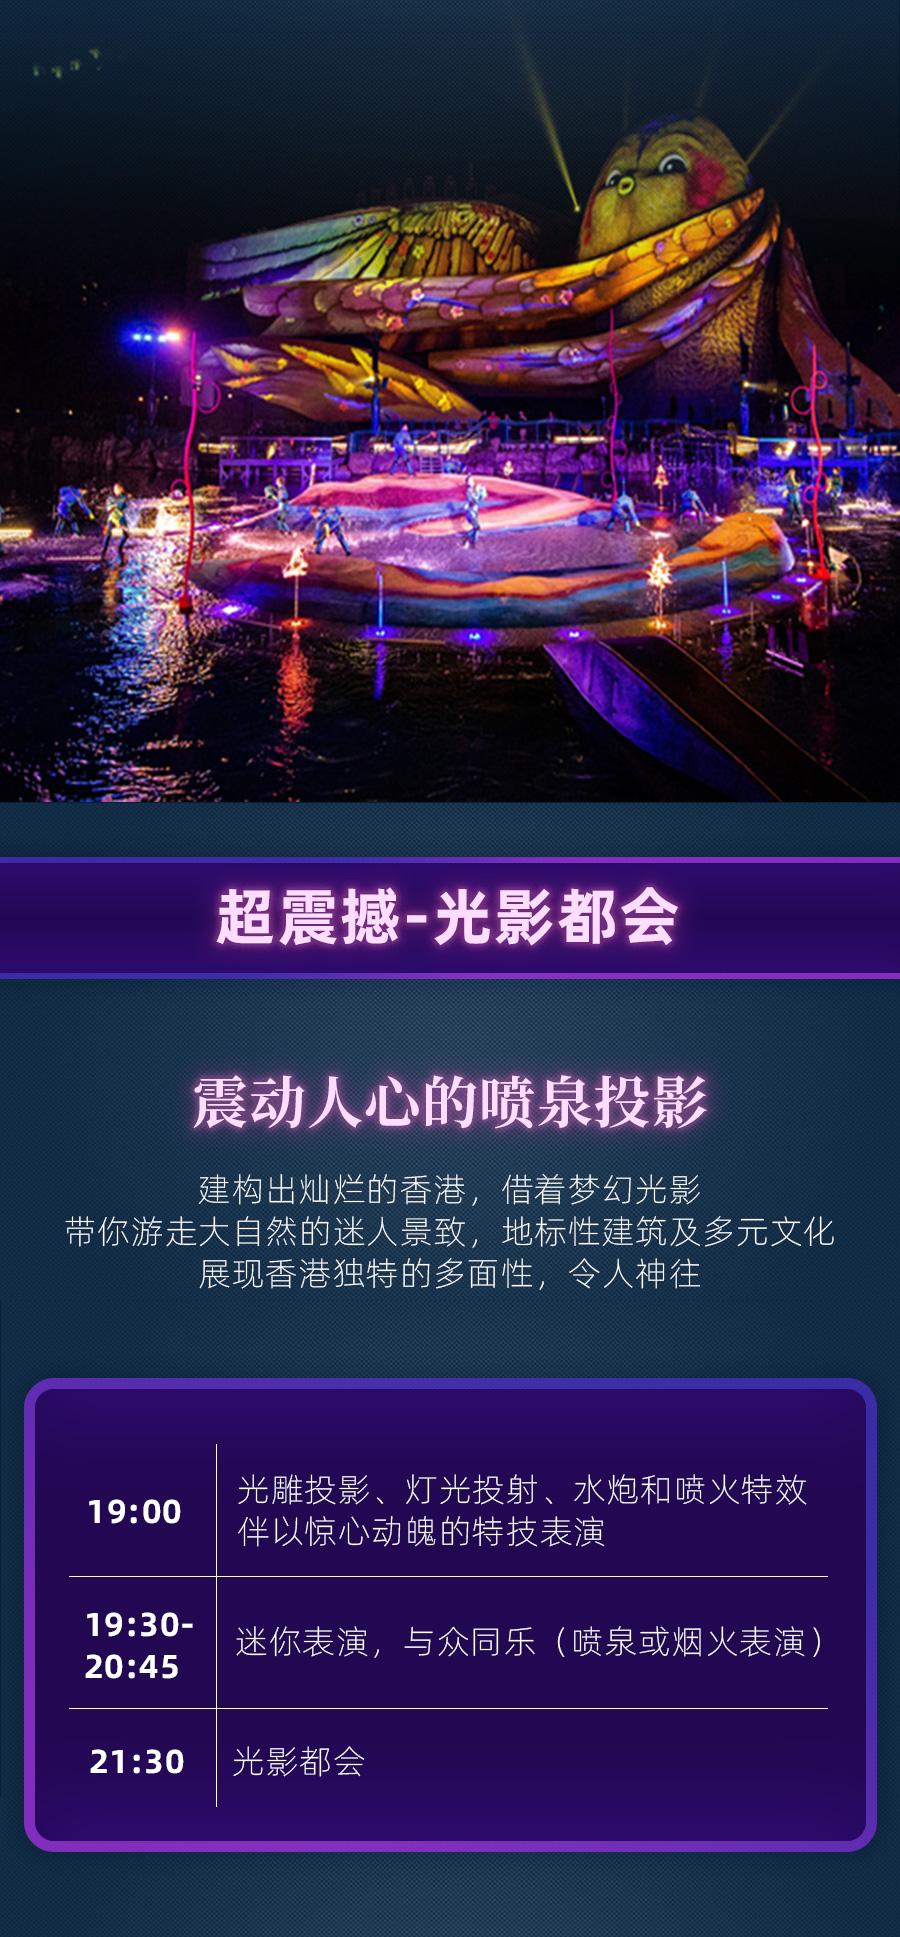 香港海洋公园光影盛夜_05.jpg